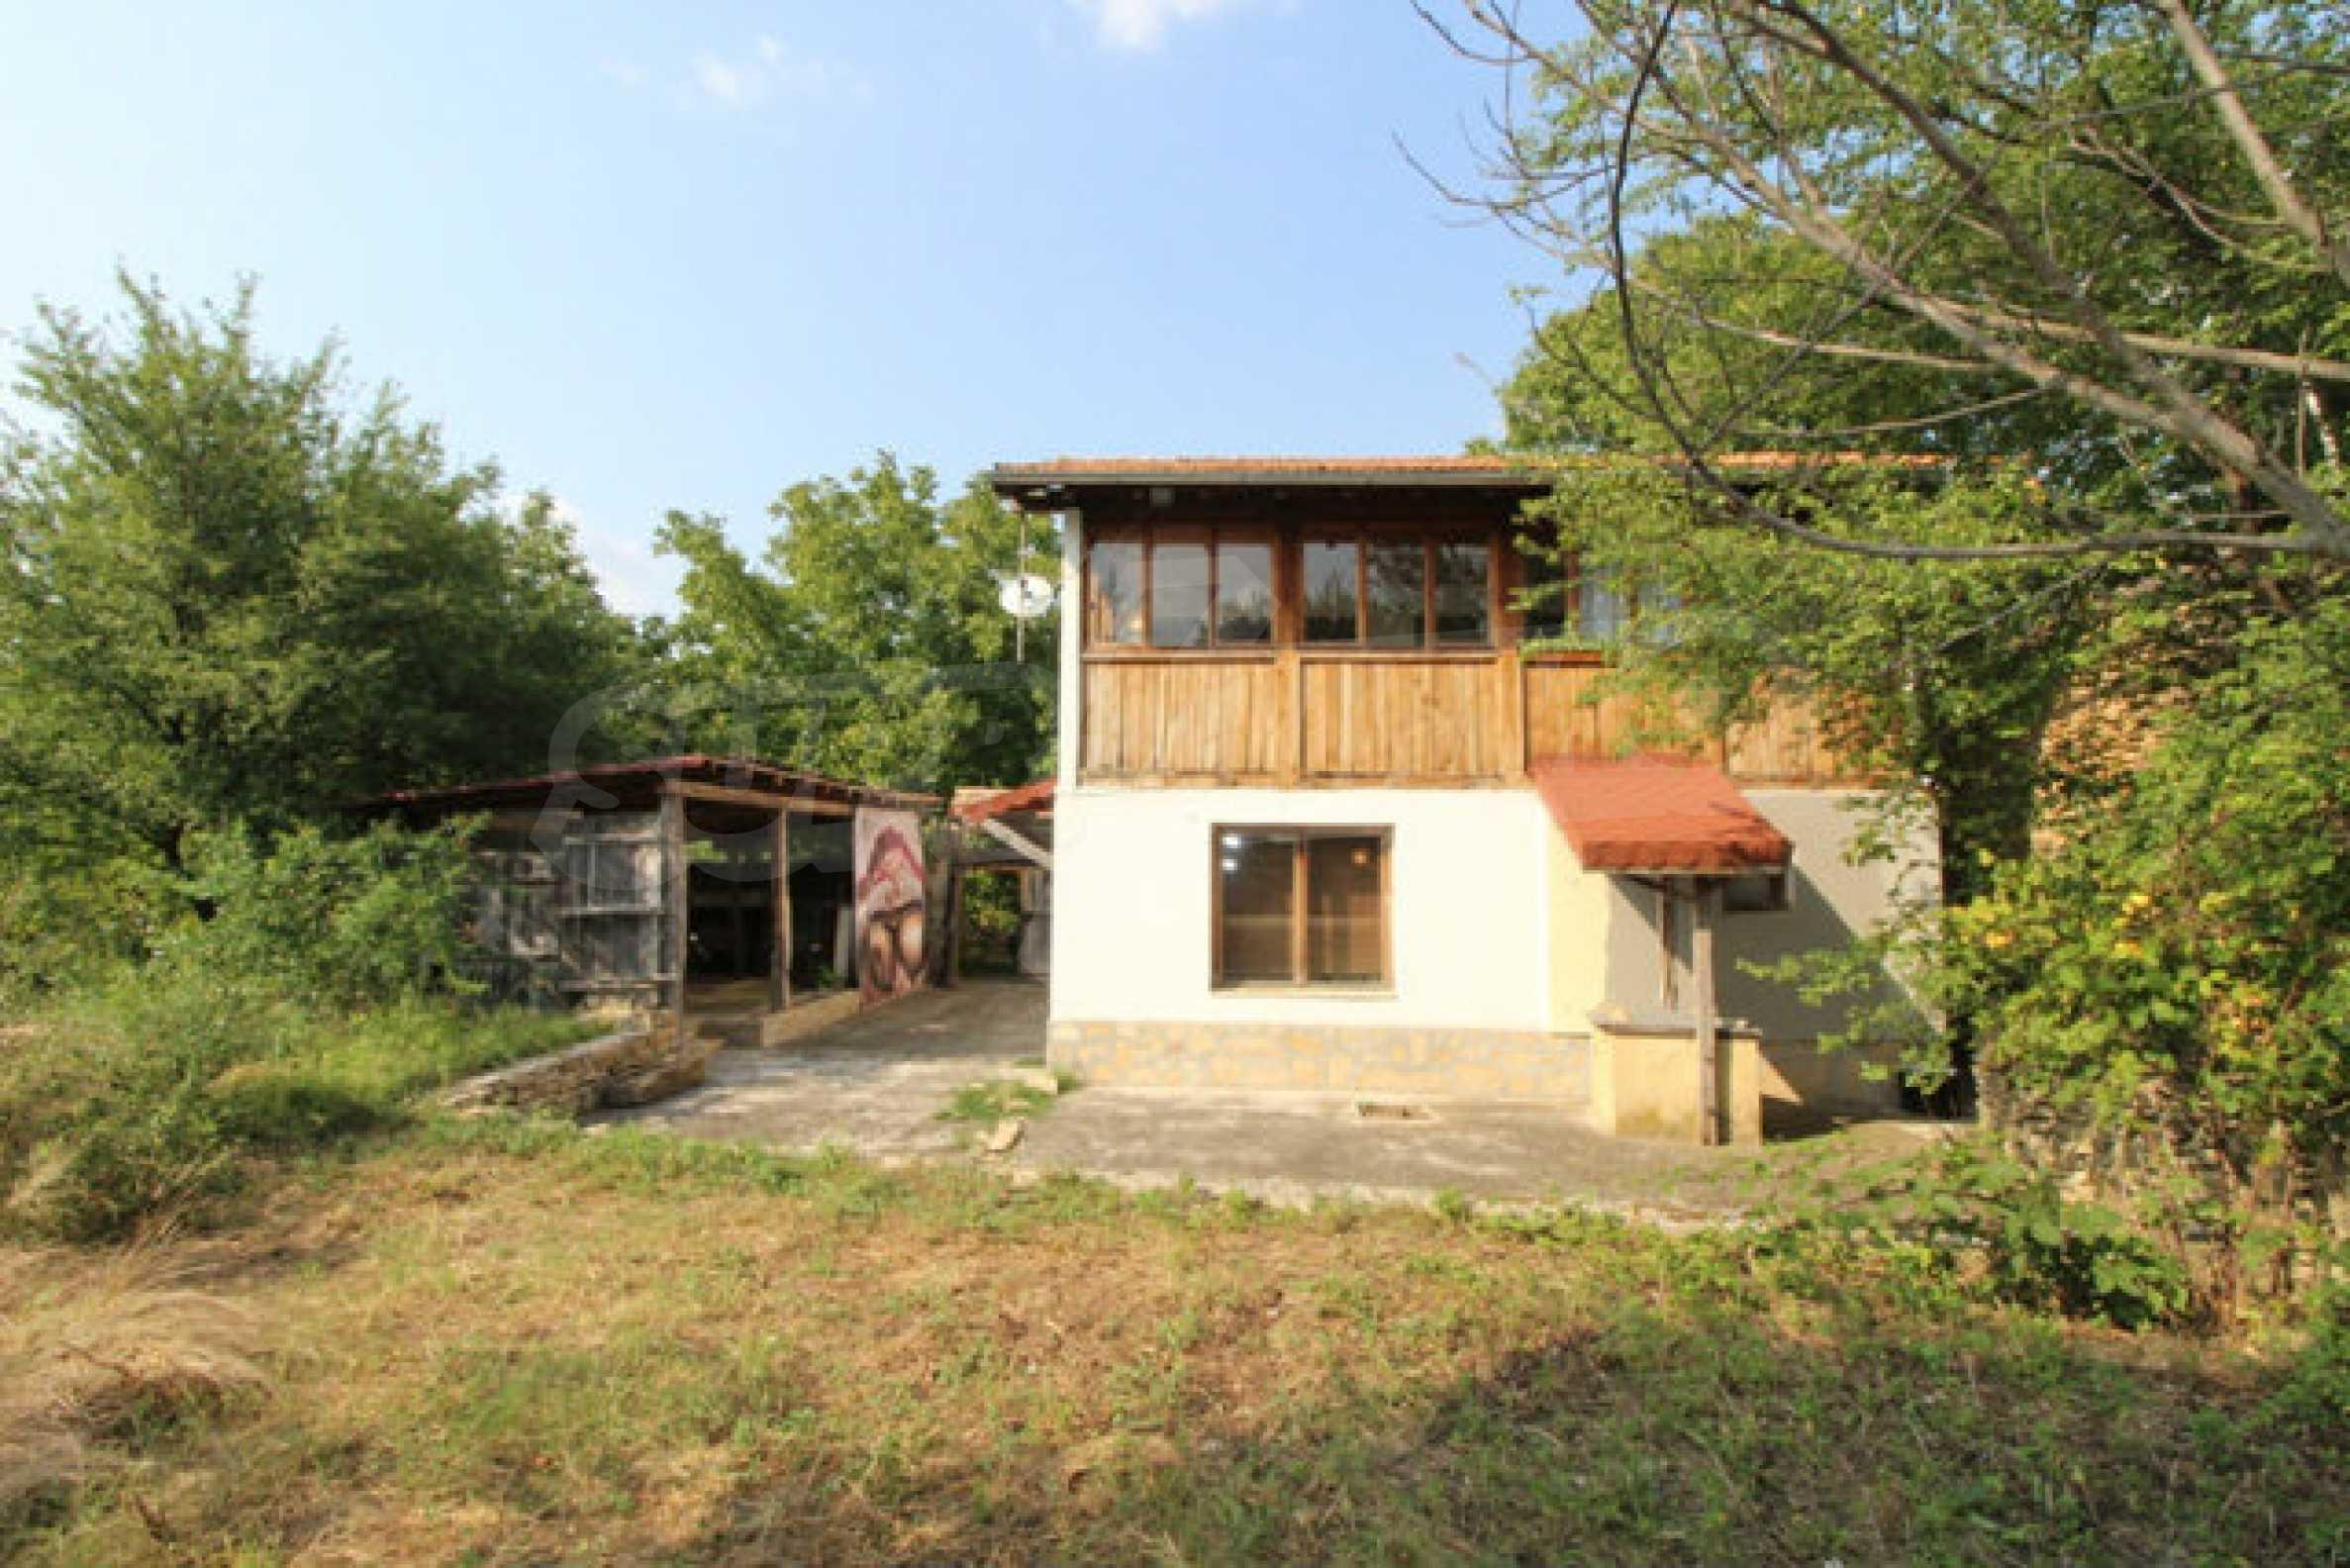 Neugebautes Haus im traditionellen bulgarischen Stil 1